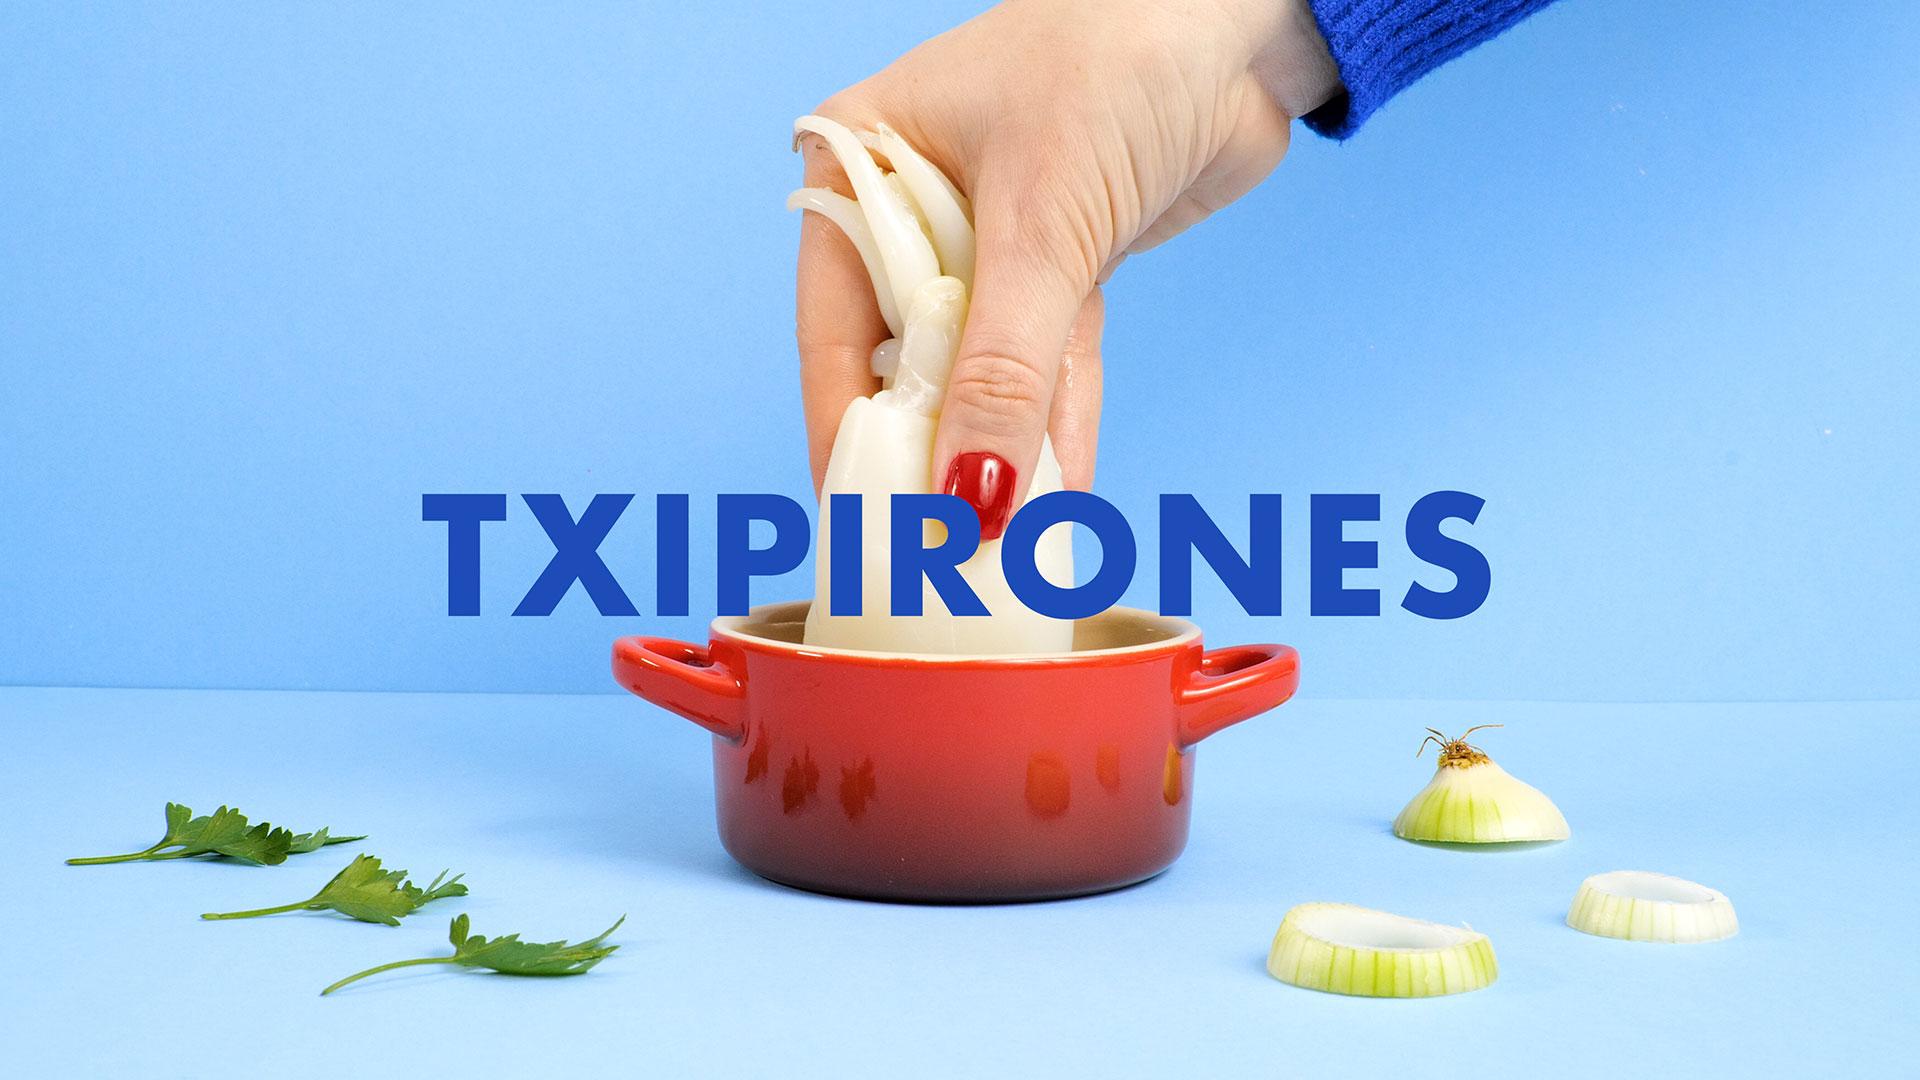 Destapa la Tapa - Gastronomía Española - Txipirones - Tipografía - Realización Audiovisual - Día Mundial de La Tapa - Lapsus